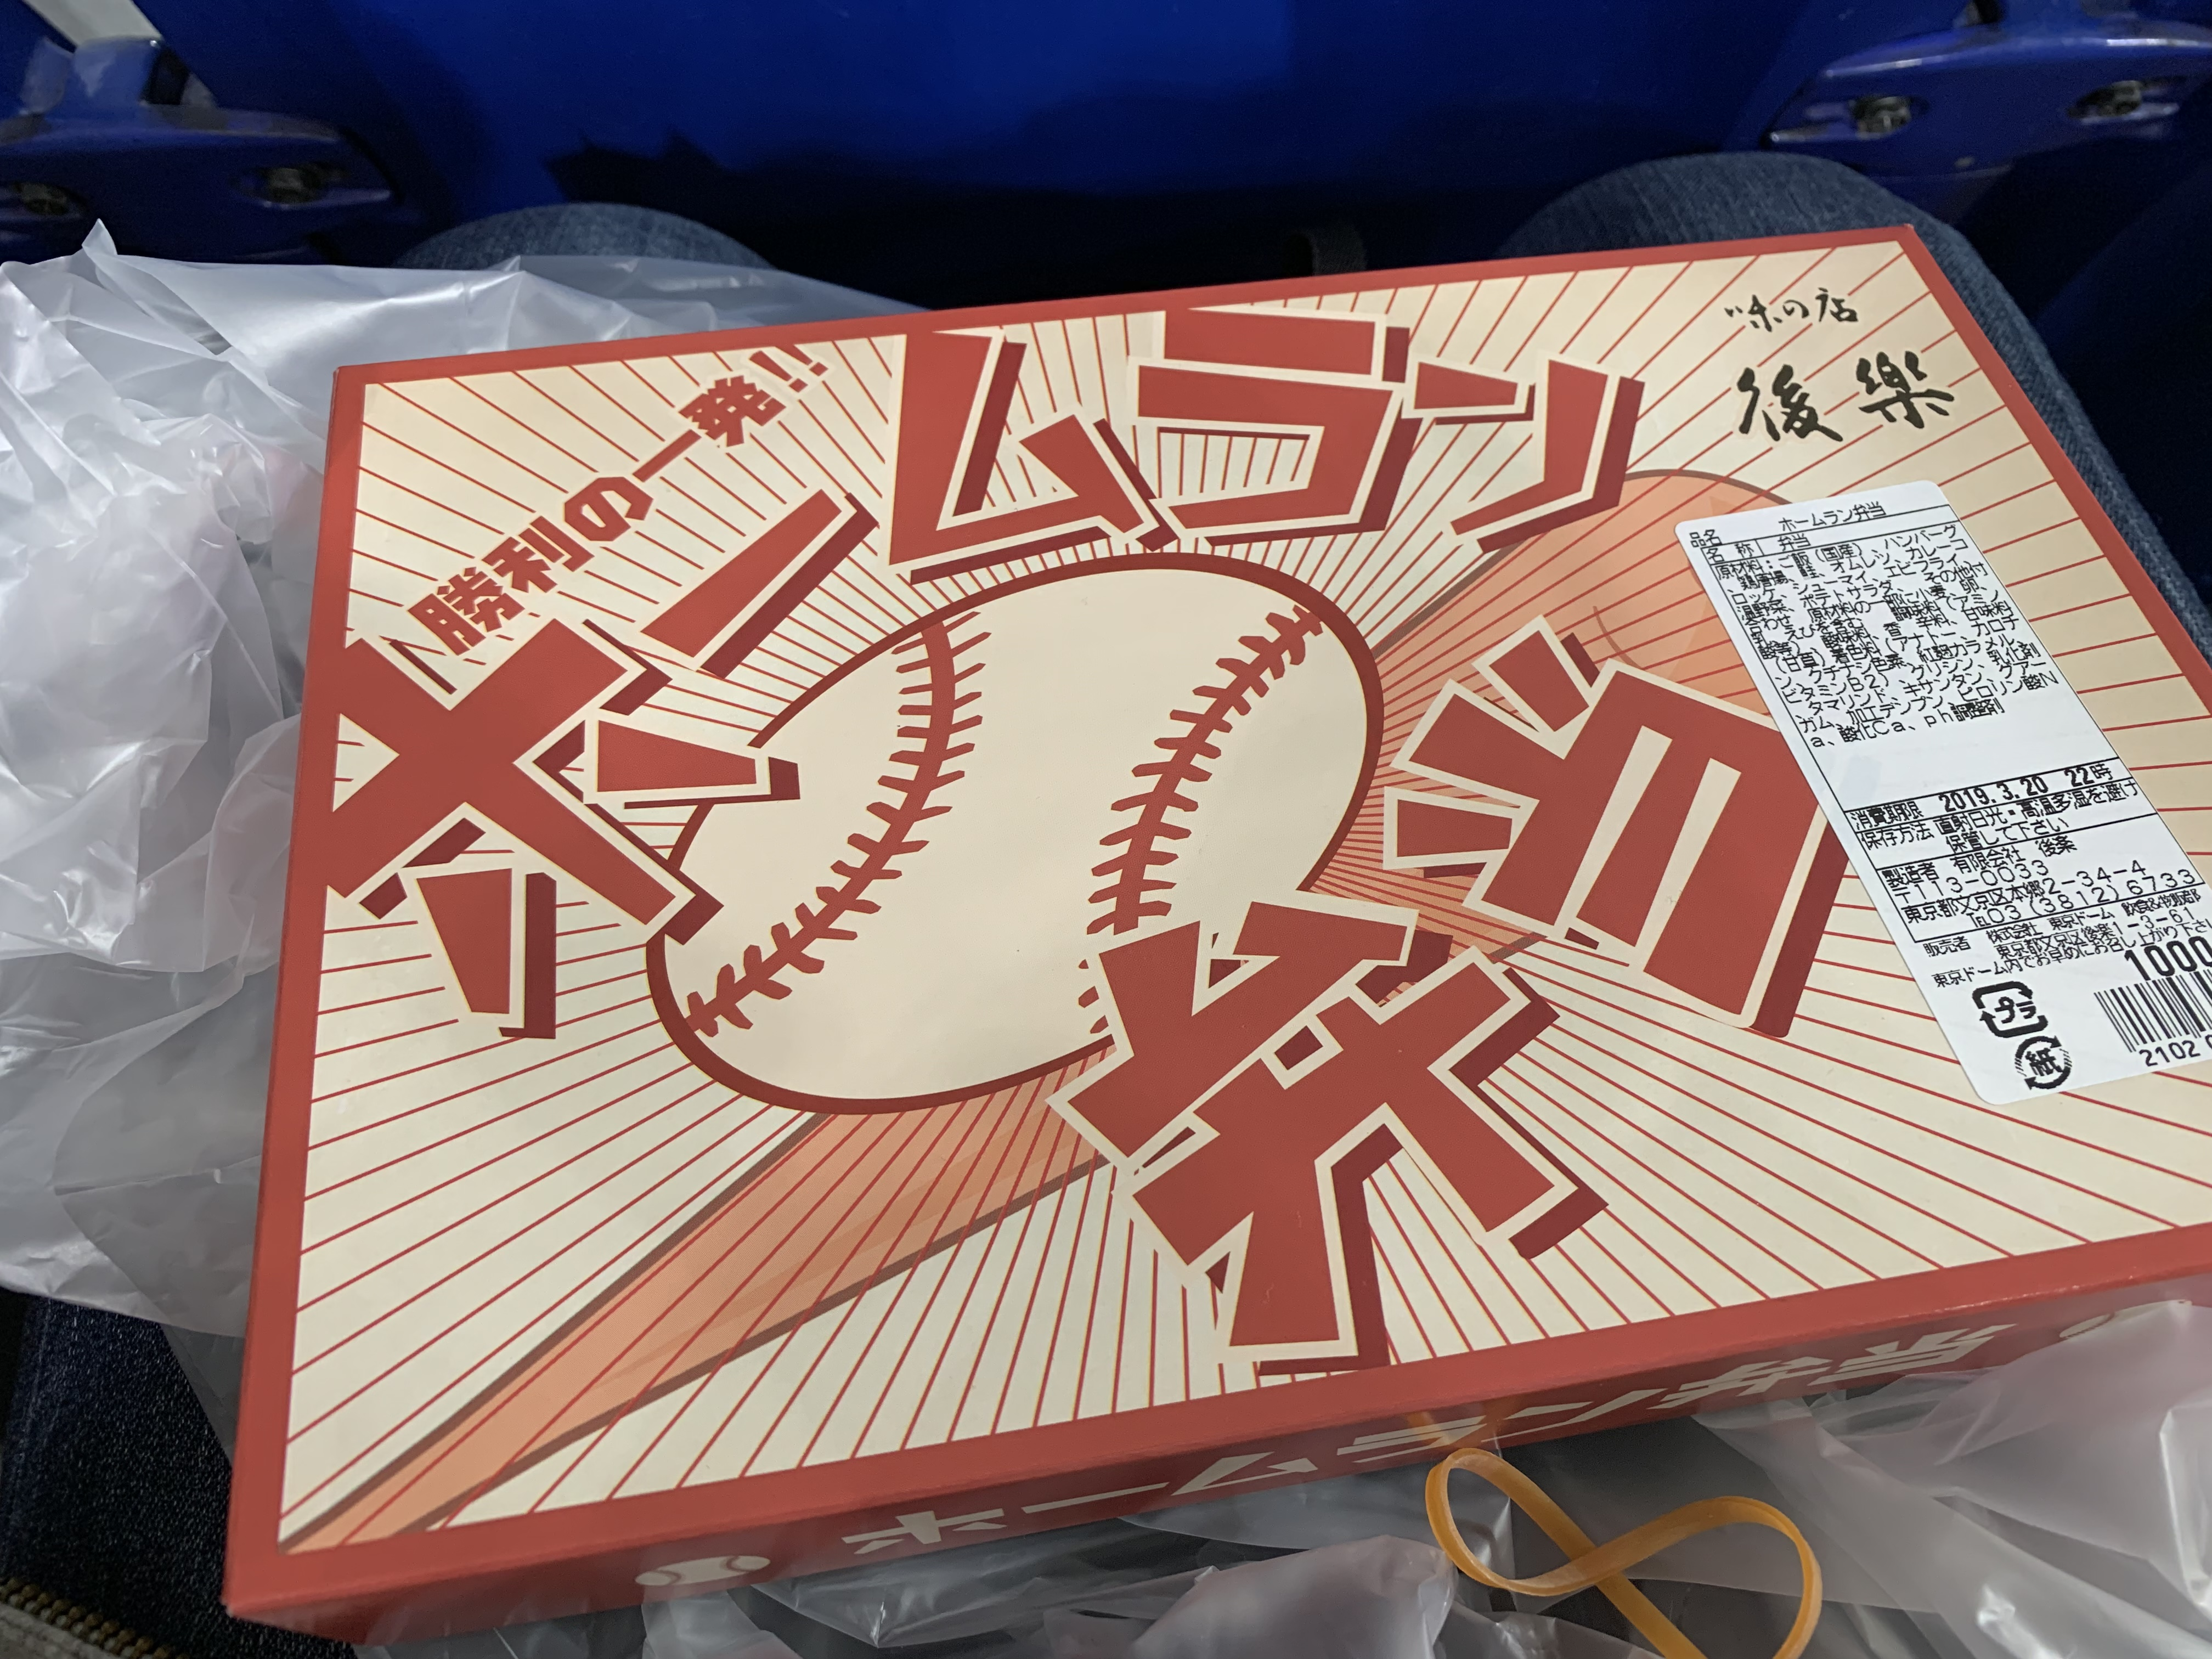 東京ドーム 3月20日 勝利の一発!!ホームラン弁当